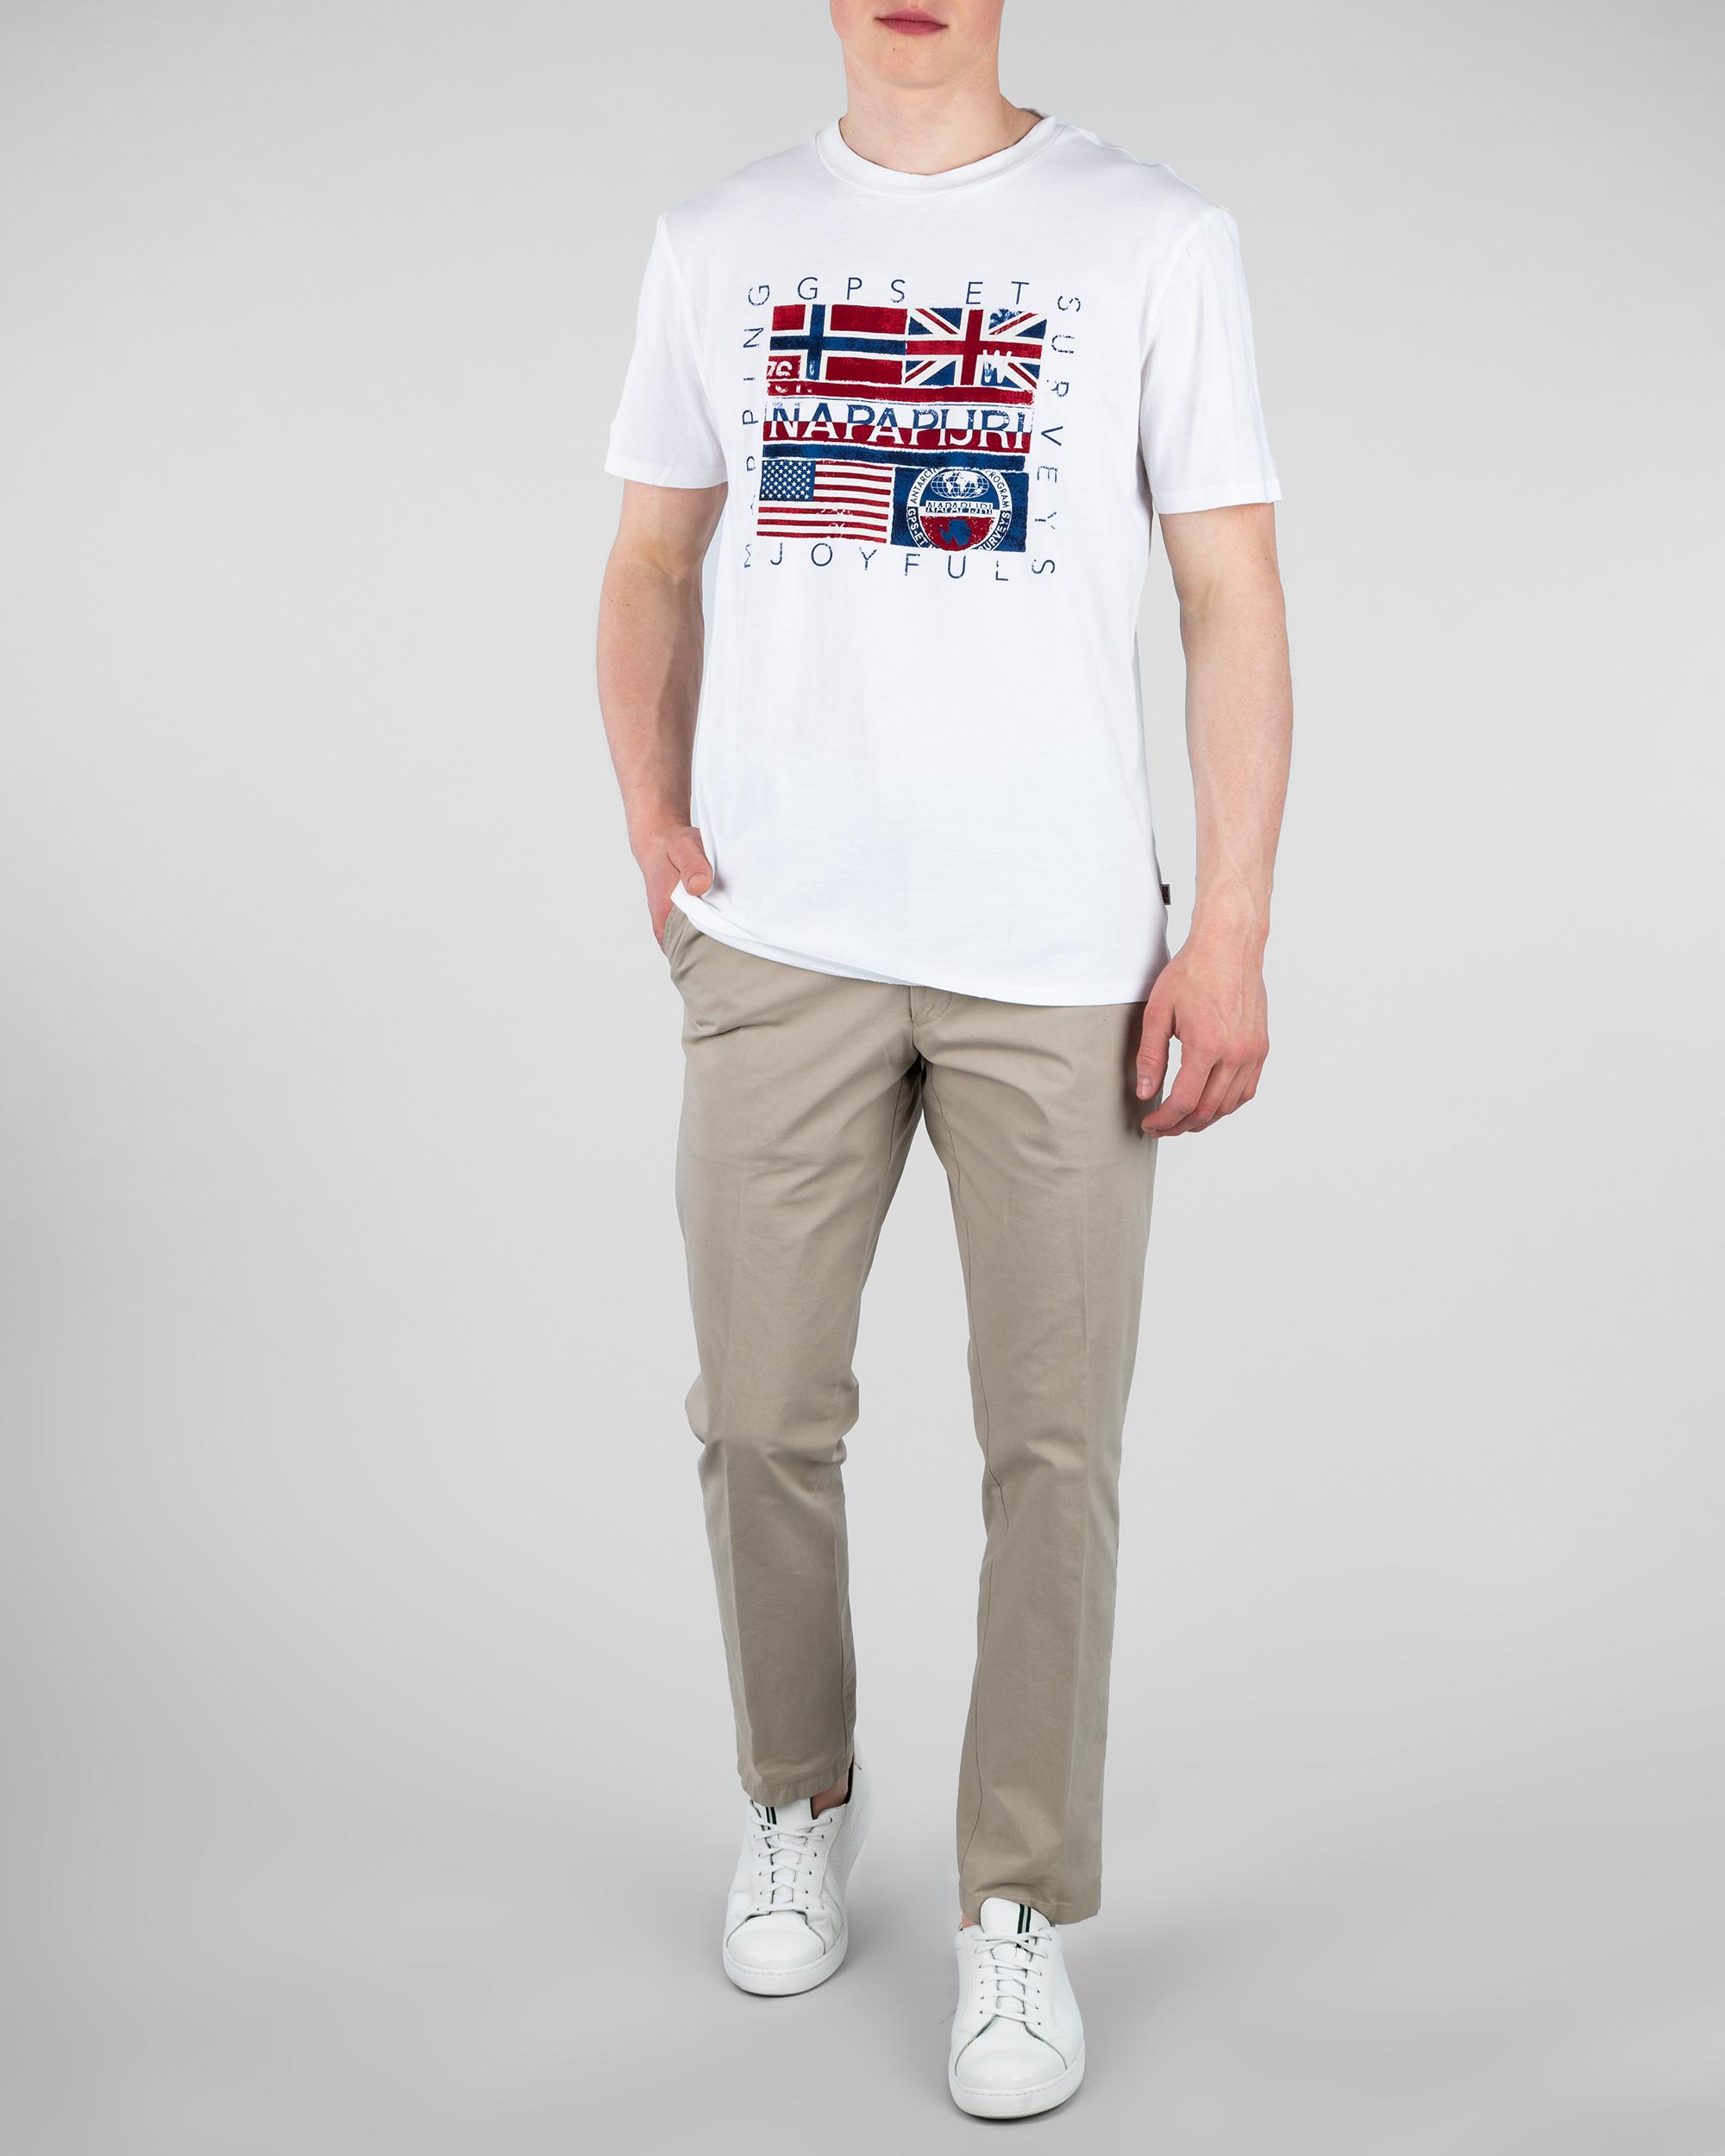 profesjonalna sprzedaż Cena obniżona podgląd T-Shirt Napapijri N0YIJD_2 biały - Royal Collection - Odziez ...